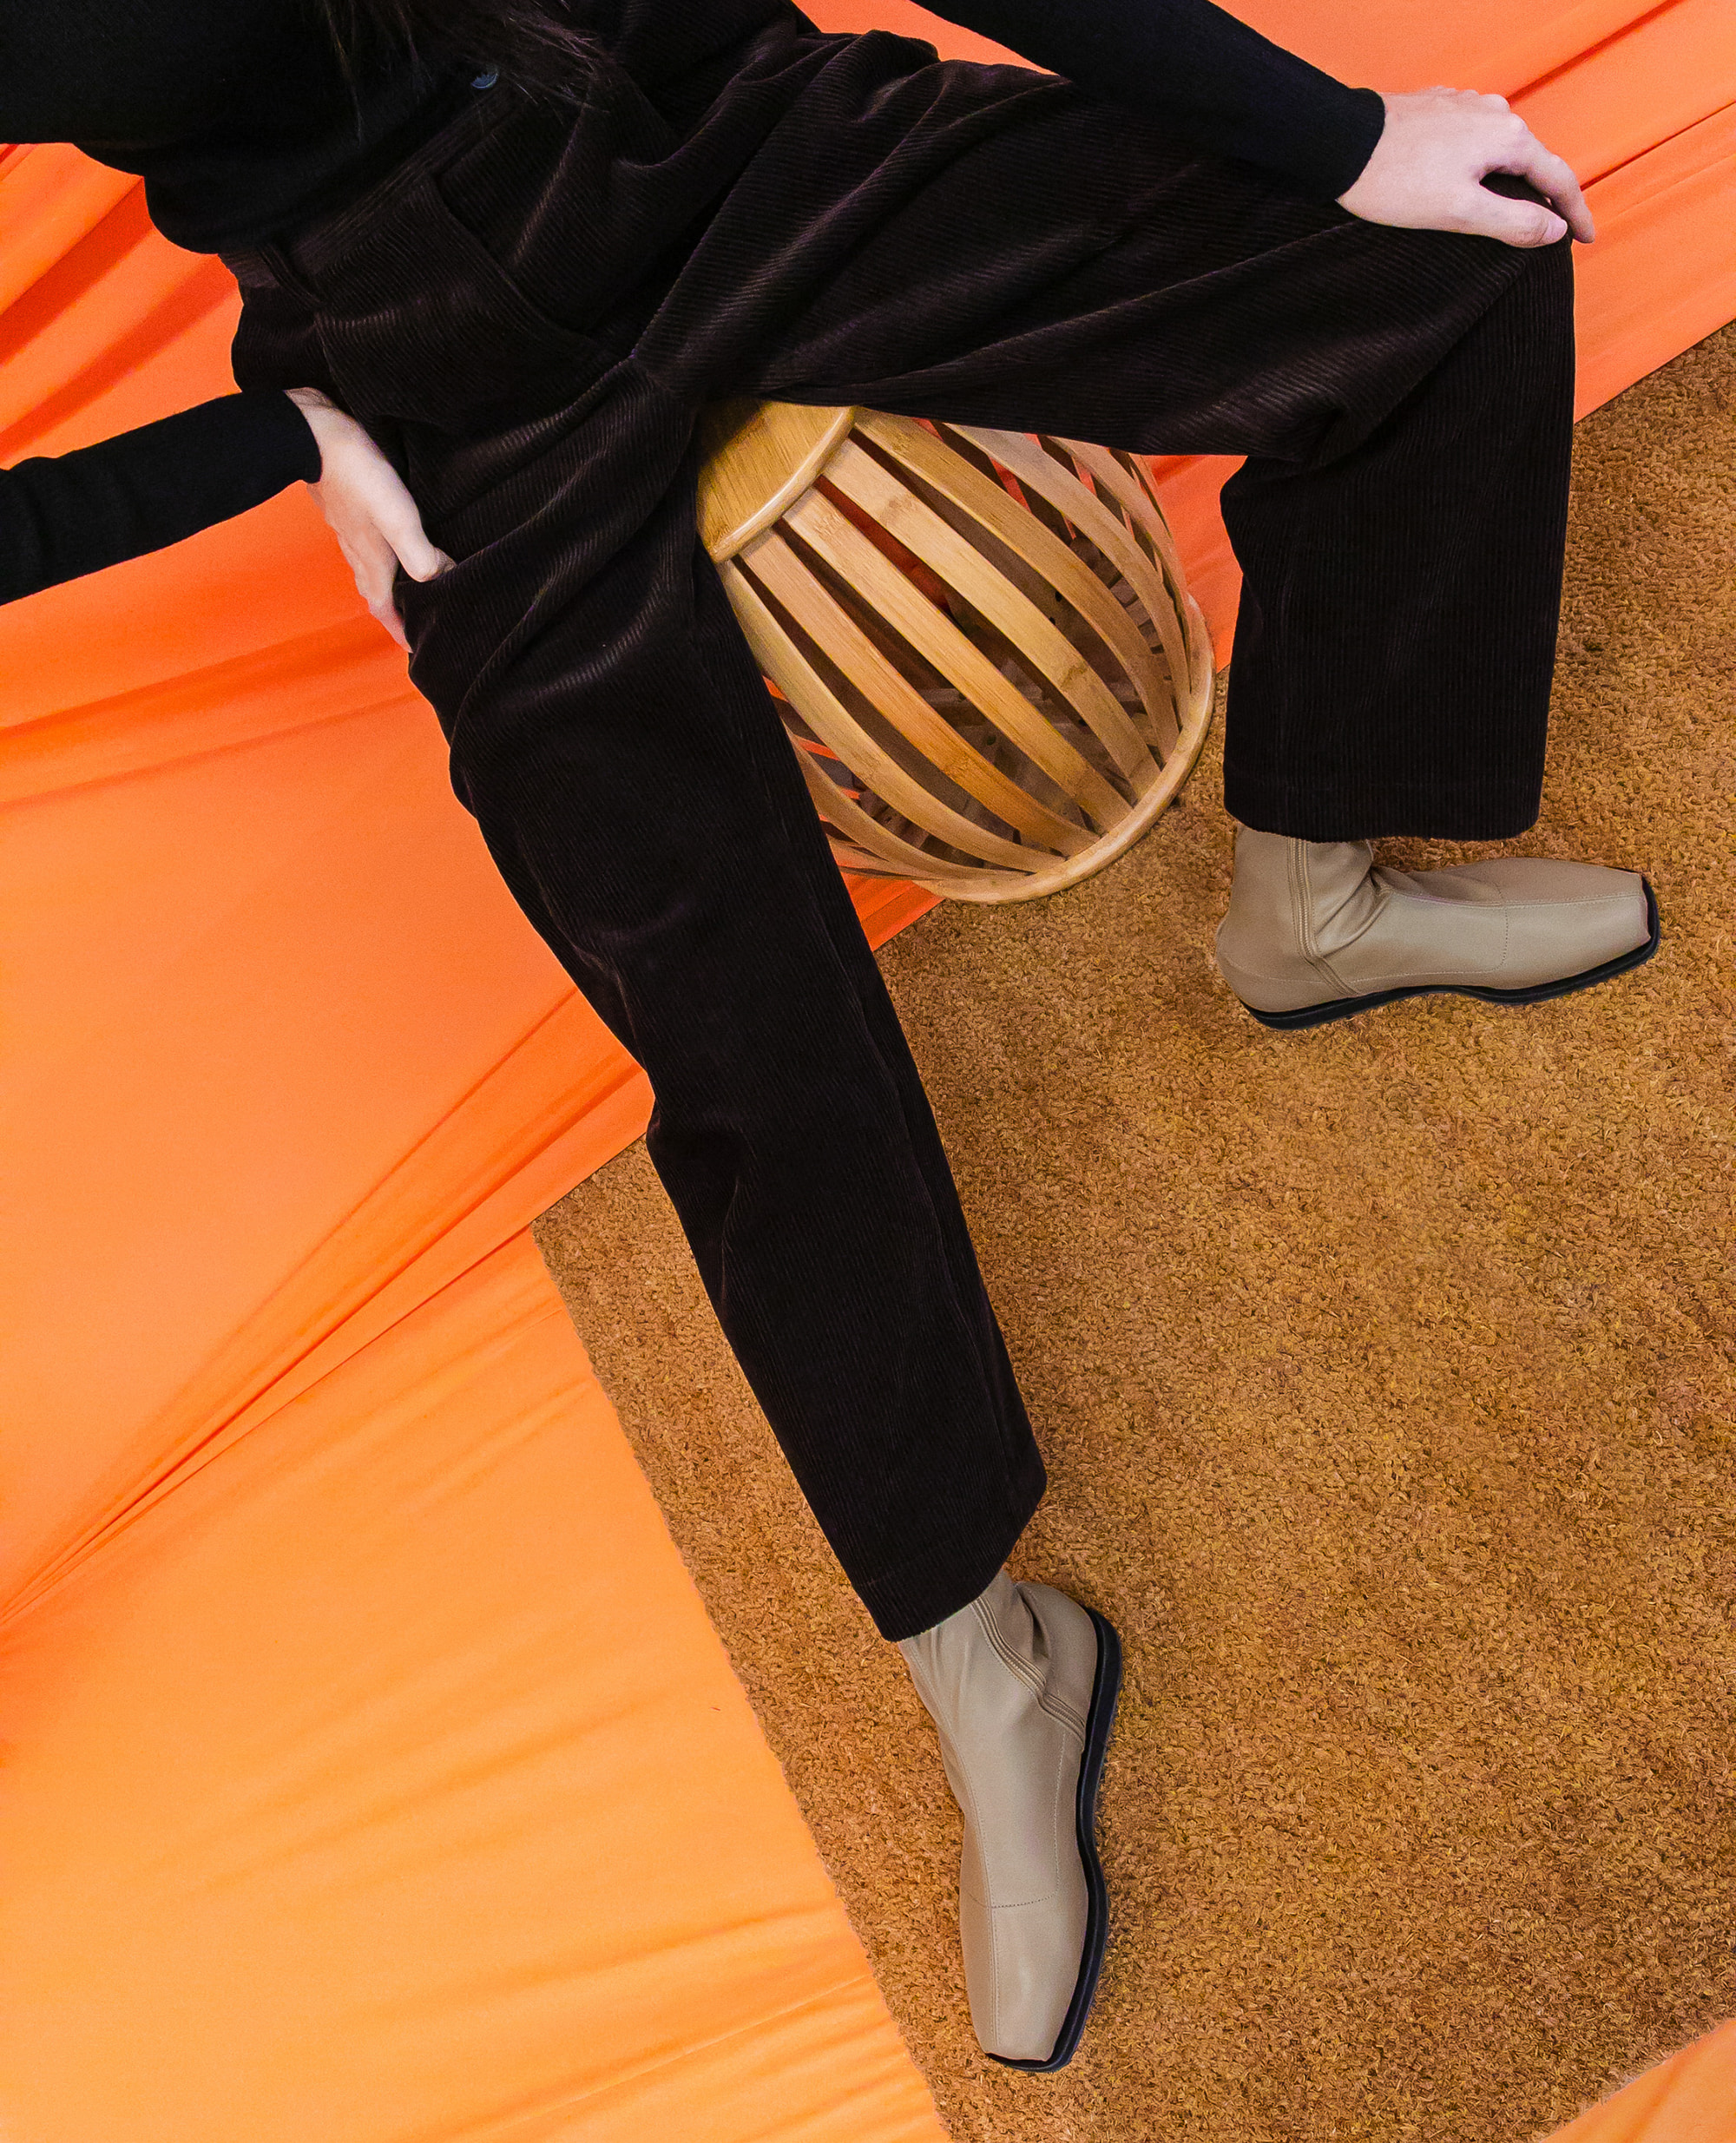 플랫아파트먼트써클, 앵클부츠, 미드힐부츠, 비건레더, 삭스부츠, 통굽부츠, flat apartment circle, ankle boots, sock boots, vegan leather, platform boots